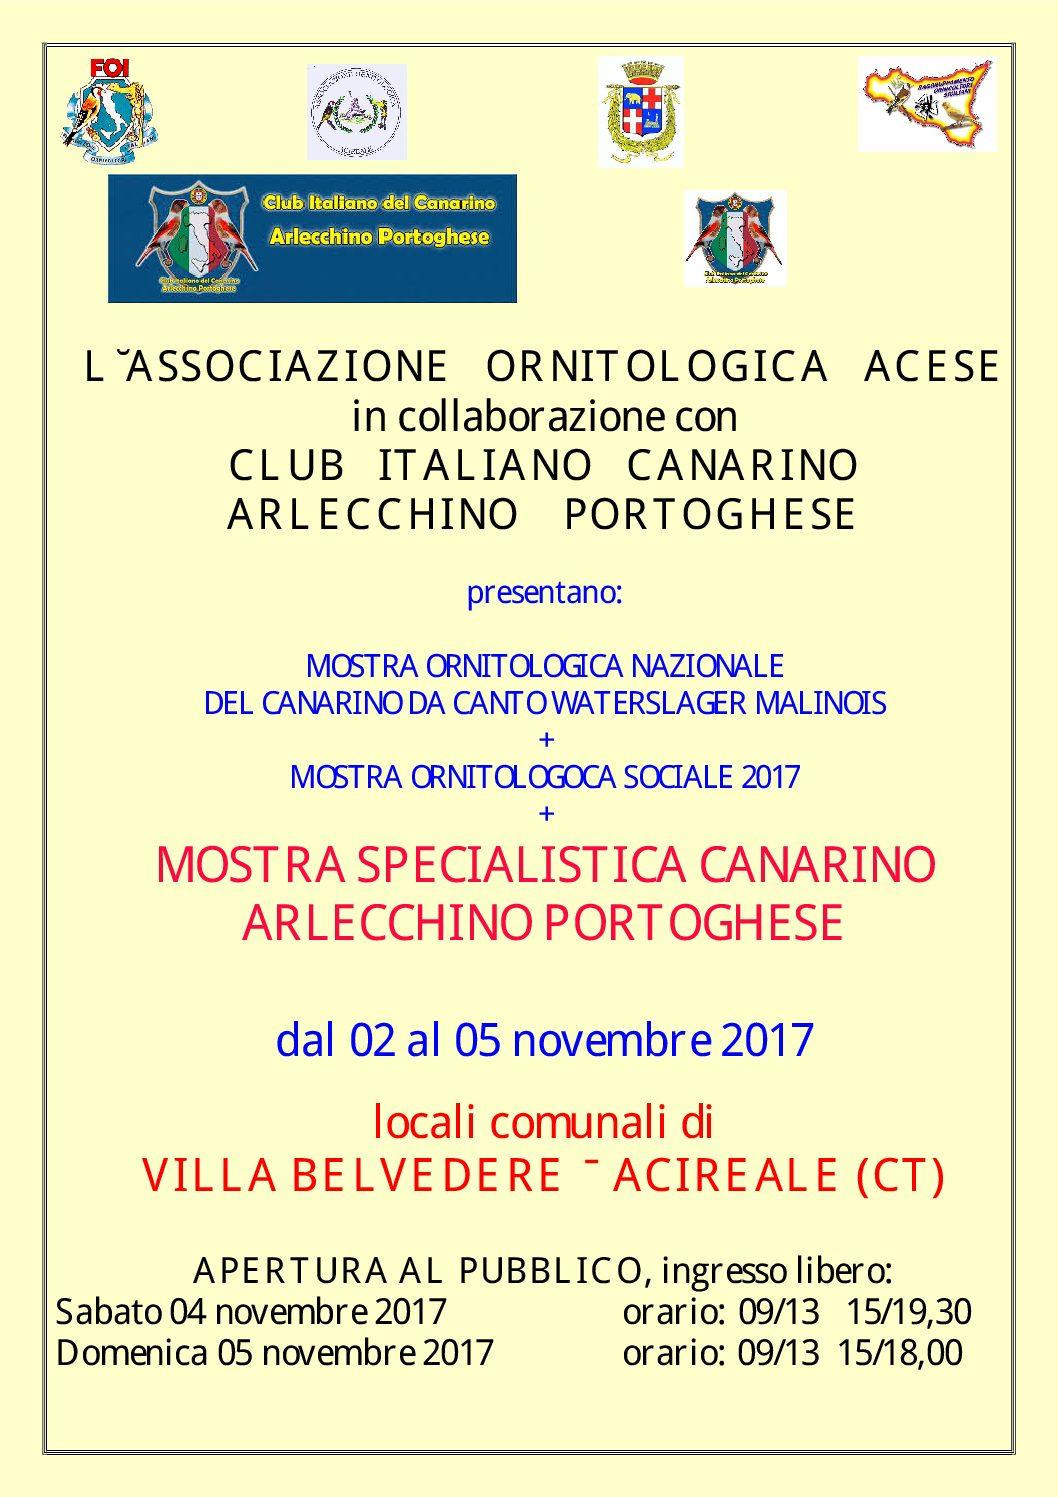 MOSTRA SPECIALISTICA ARLECCHINO PORTOGHESE + Malinois + Mostra Sociale